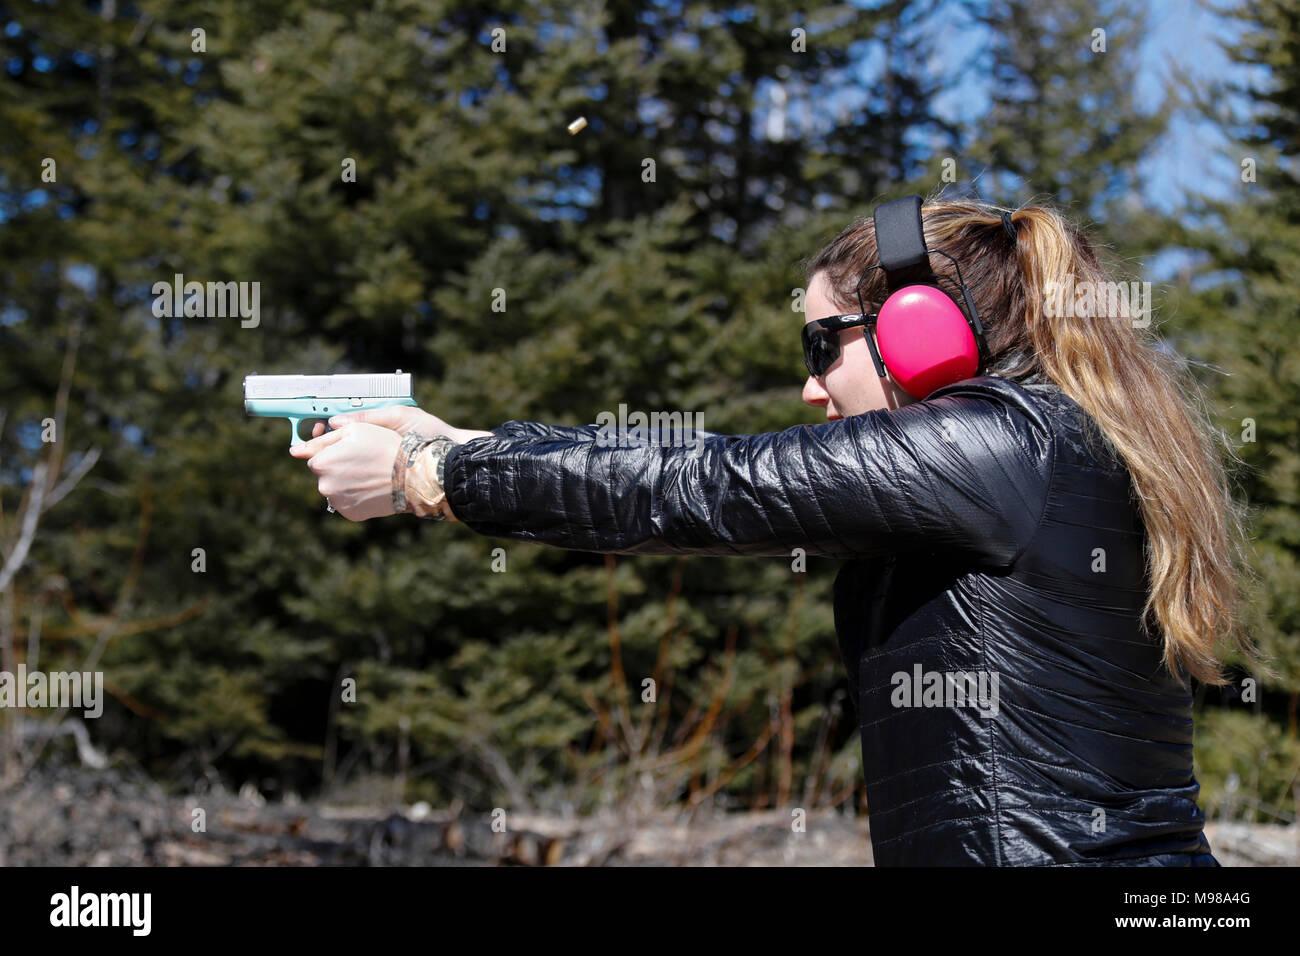 Frau schießen eine Pistole und die shell ist in der Luft. Stockbild